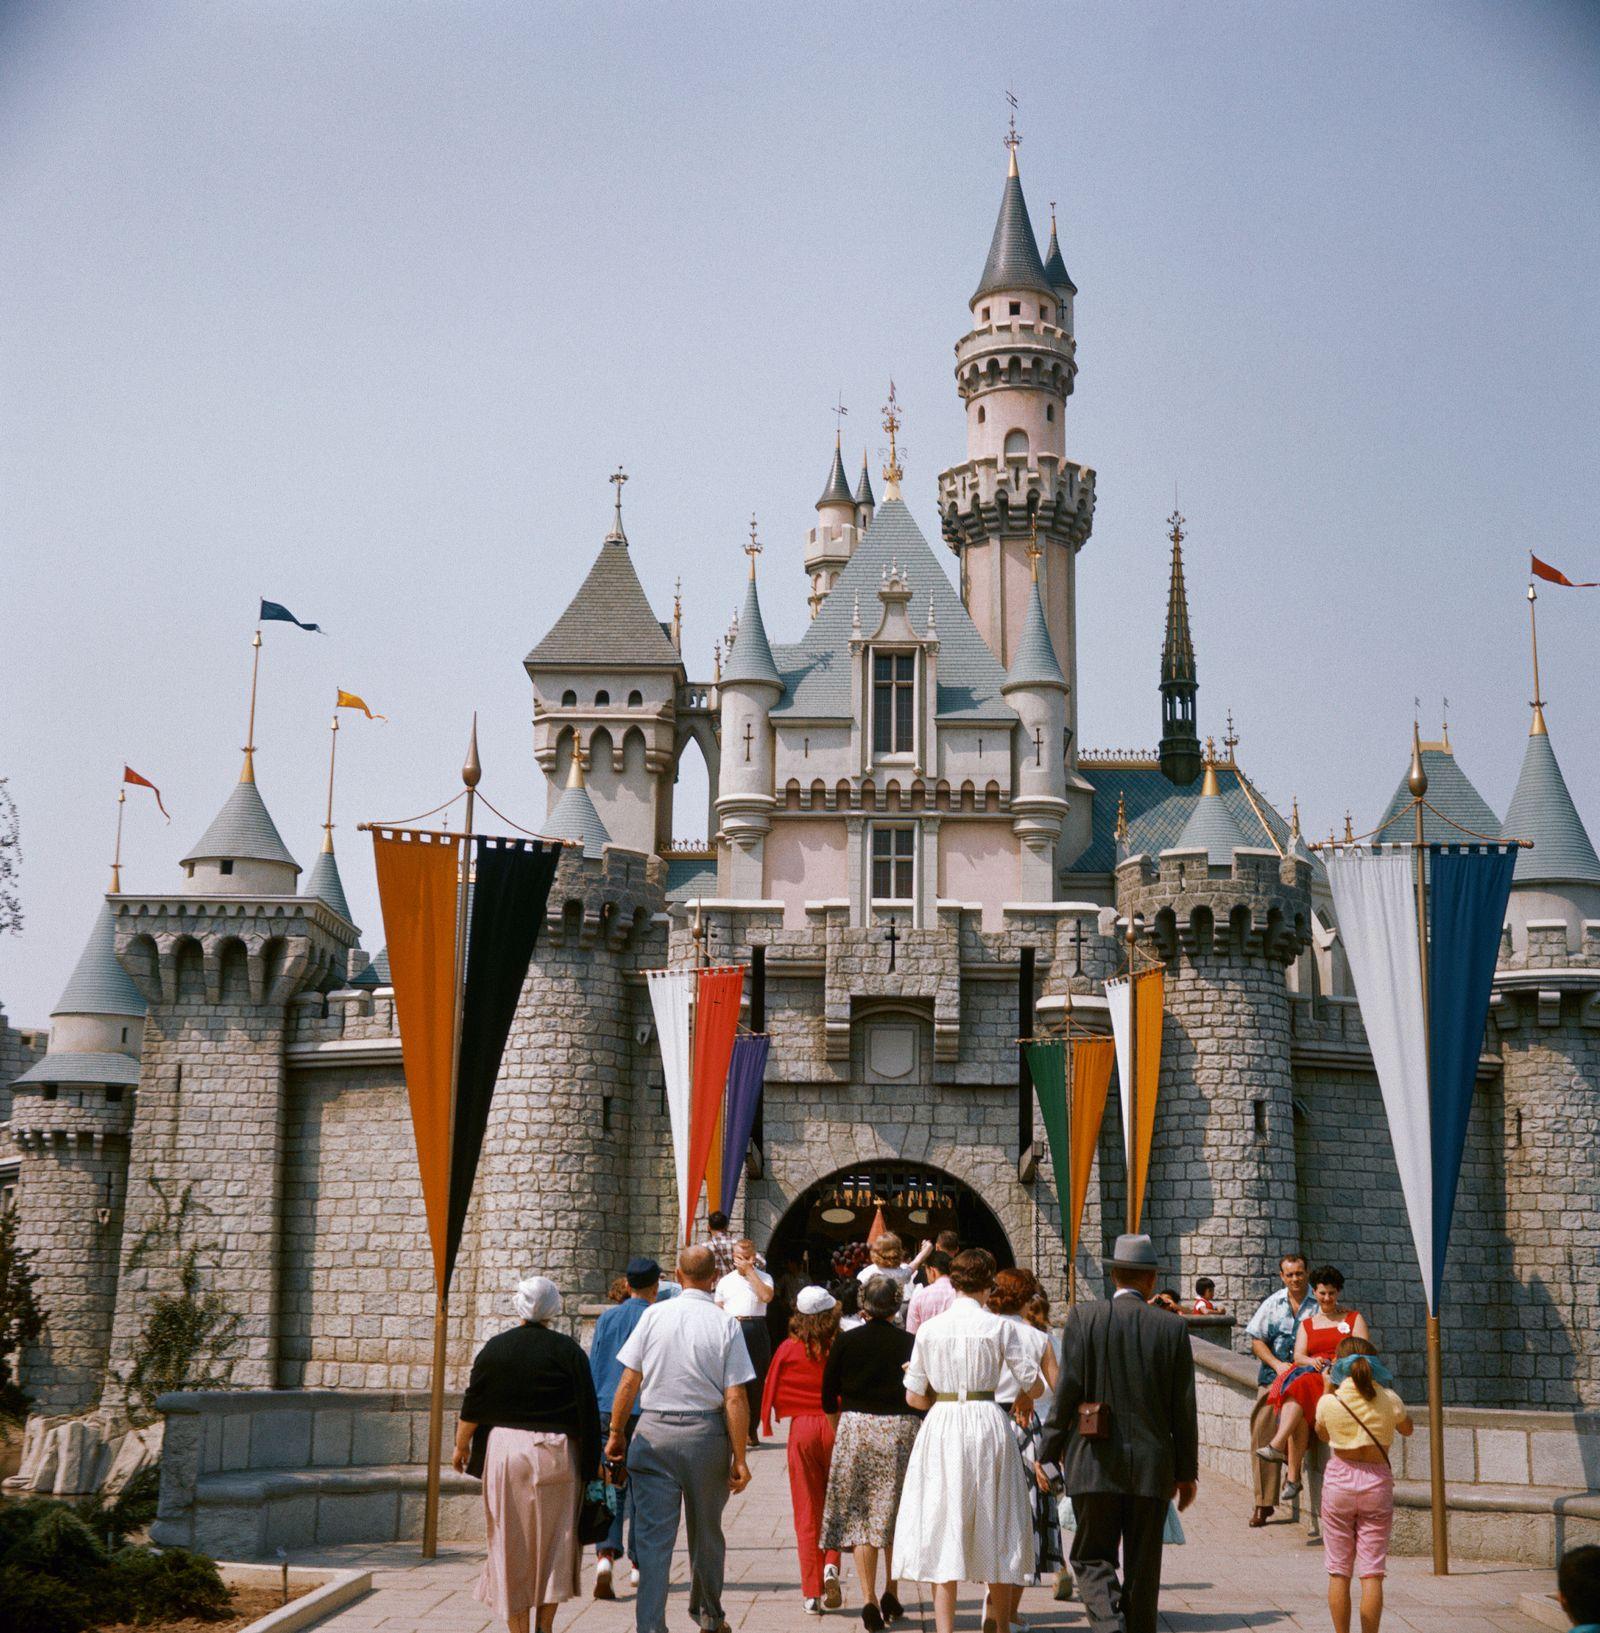 NICHT MEHR VERWENDEN! - Disneyland Anaheim